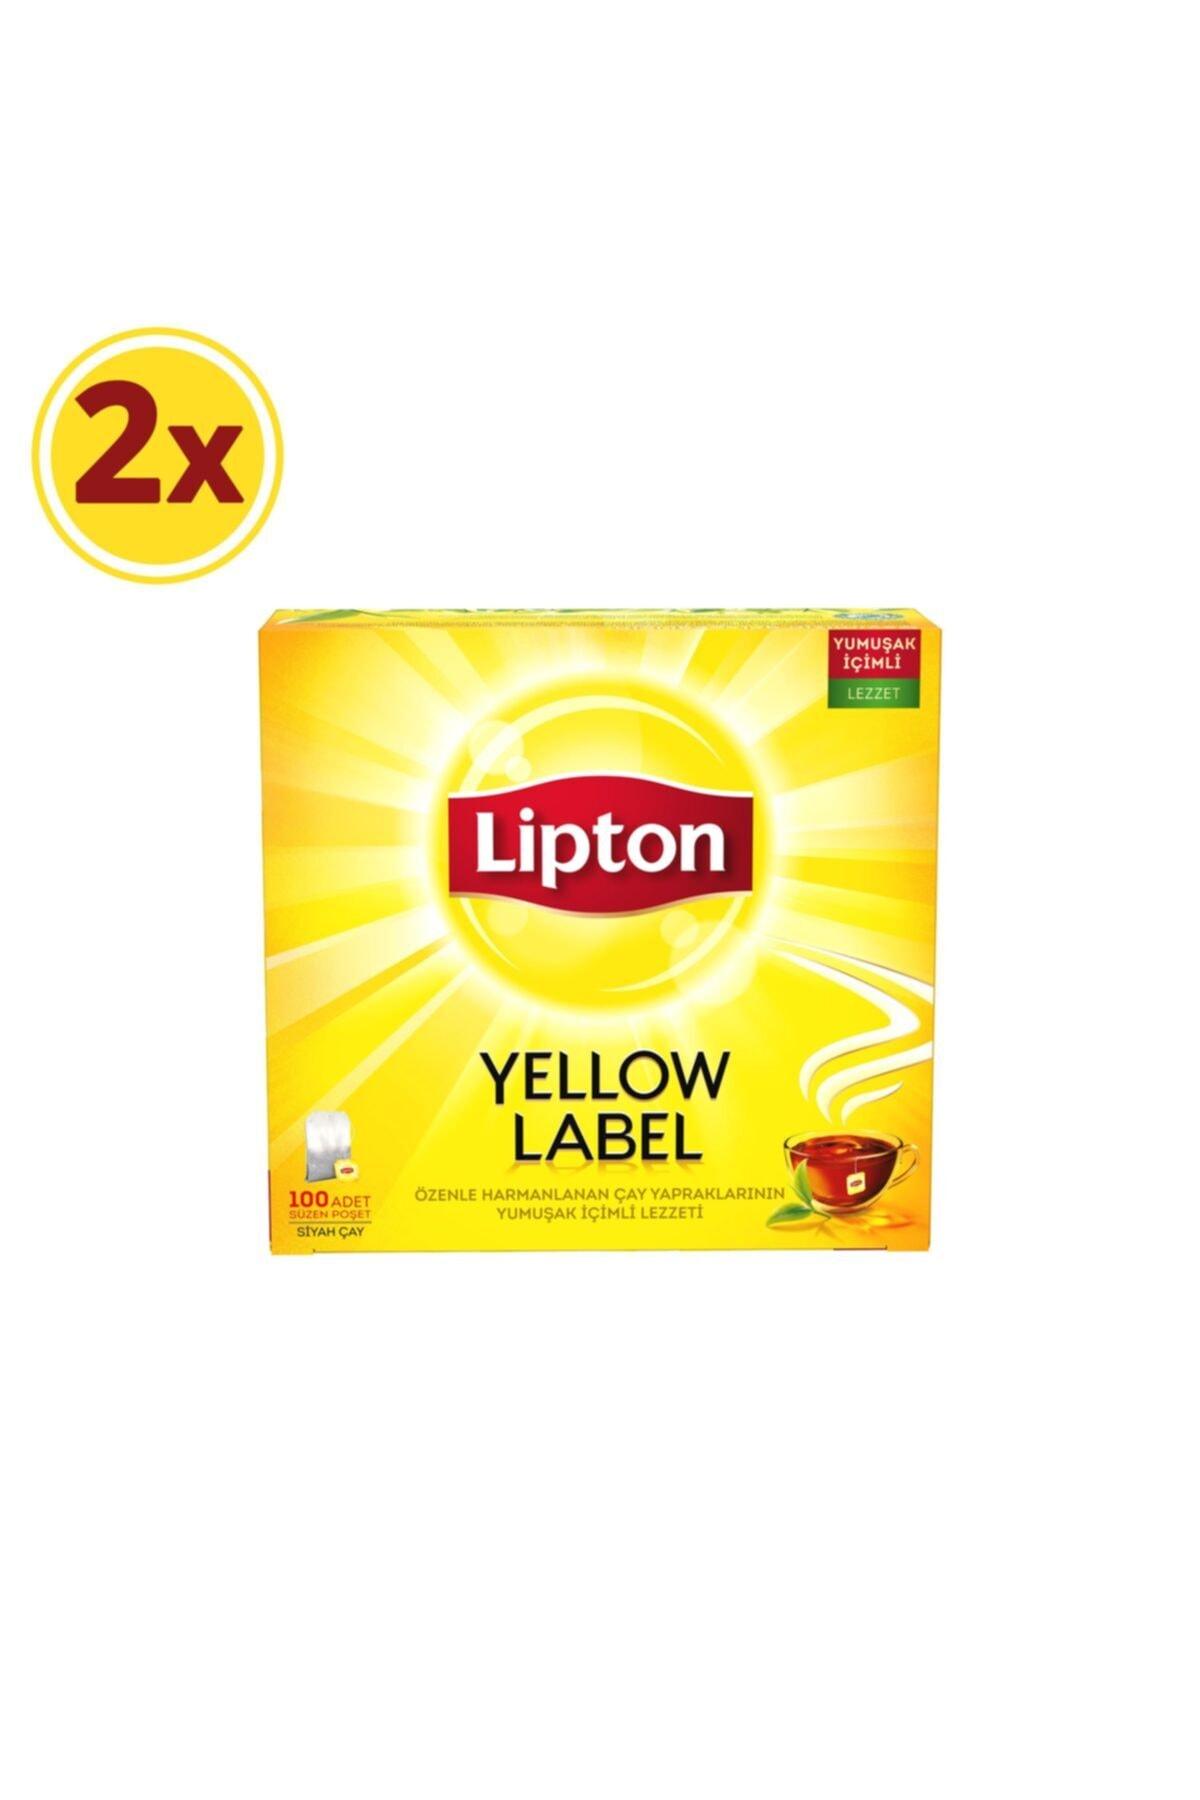 Lipton Yellow Label Bardak Poşet Çay 100'lü X 2 Adet 1